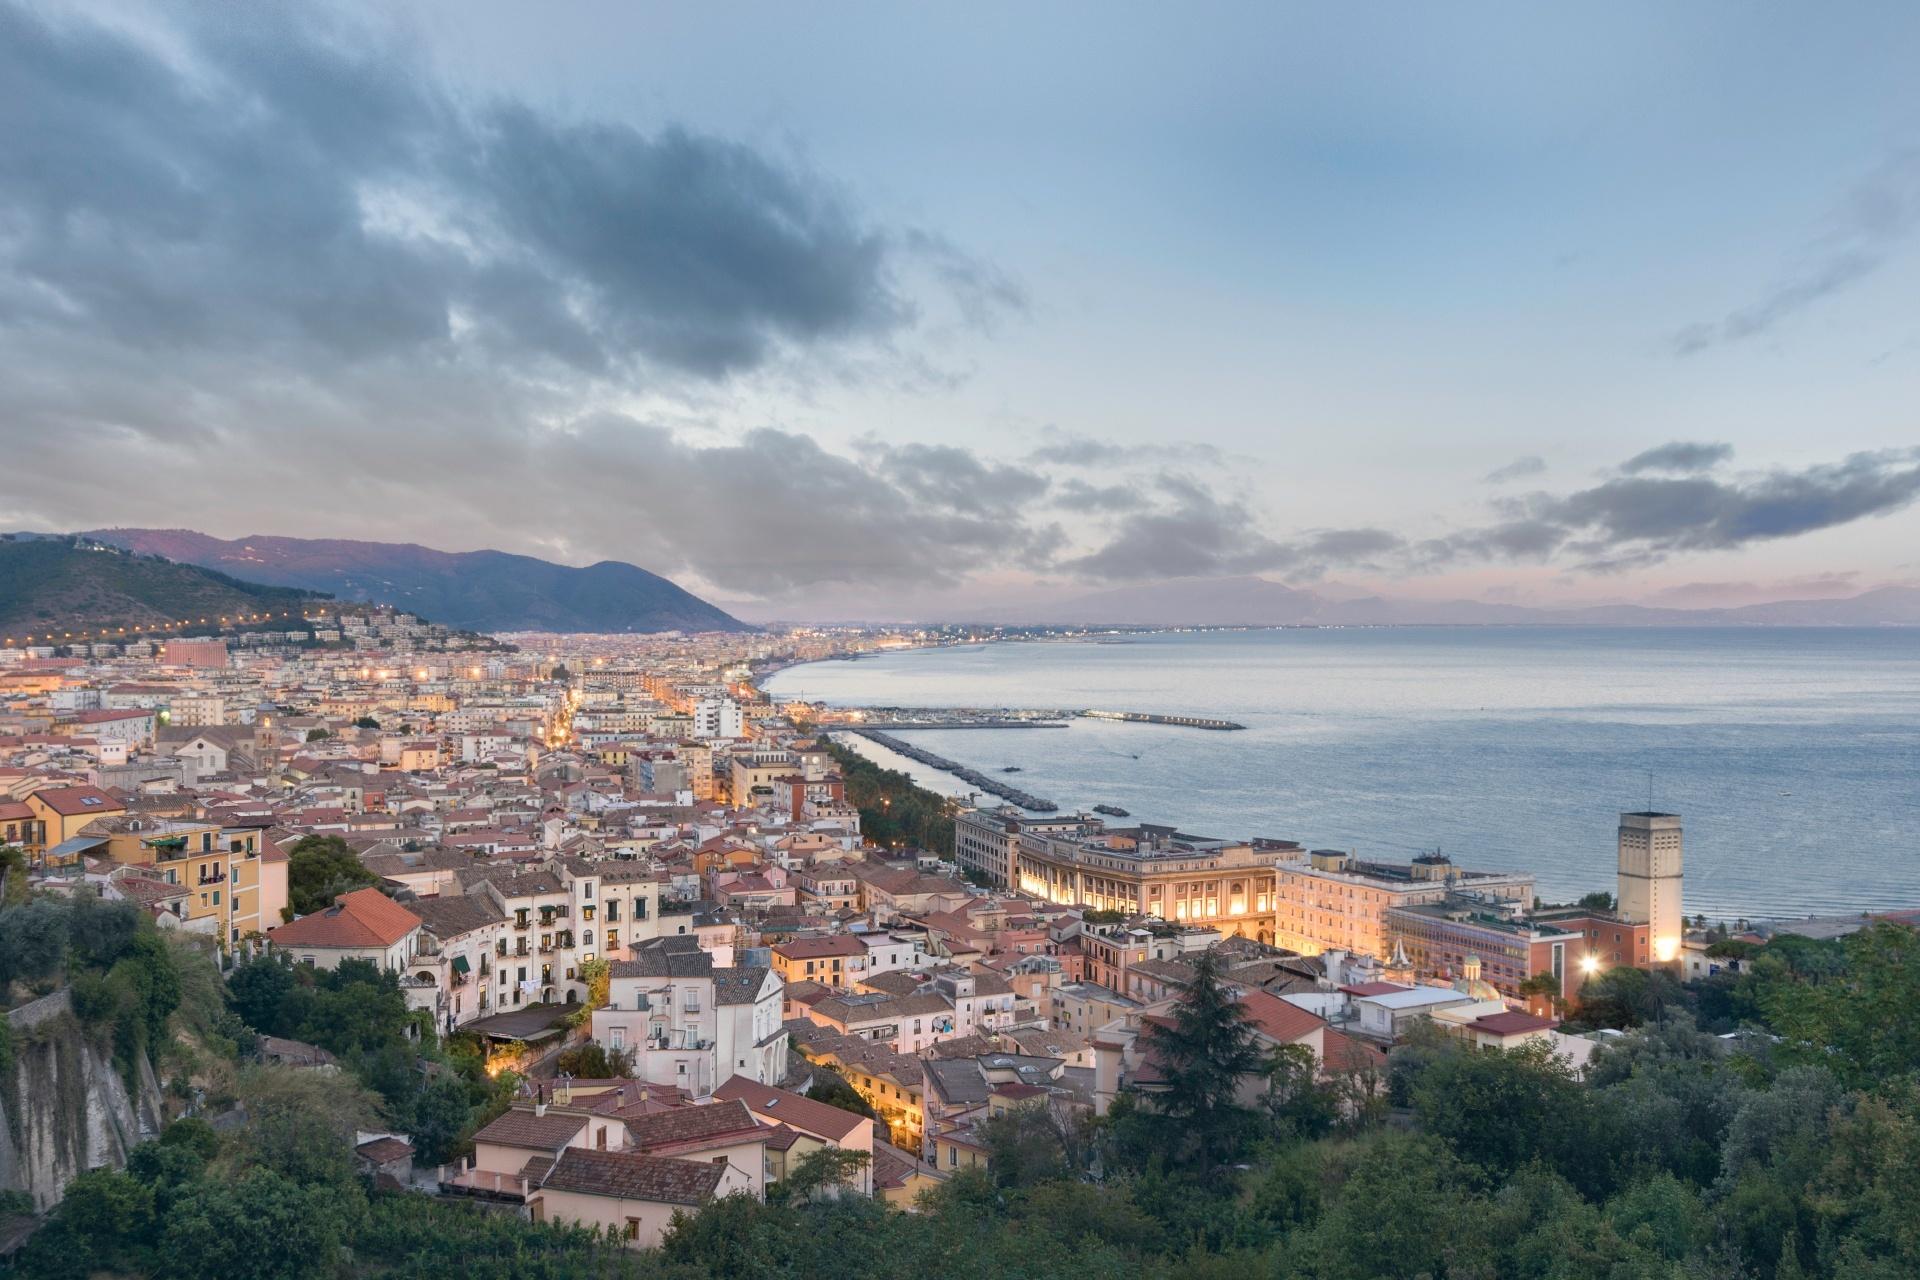 サレルノの町並み イタリアの風景